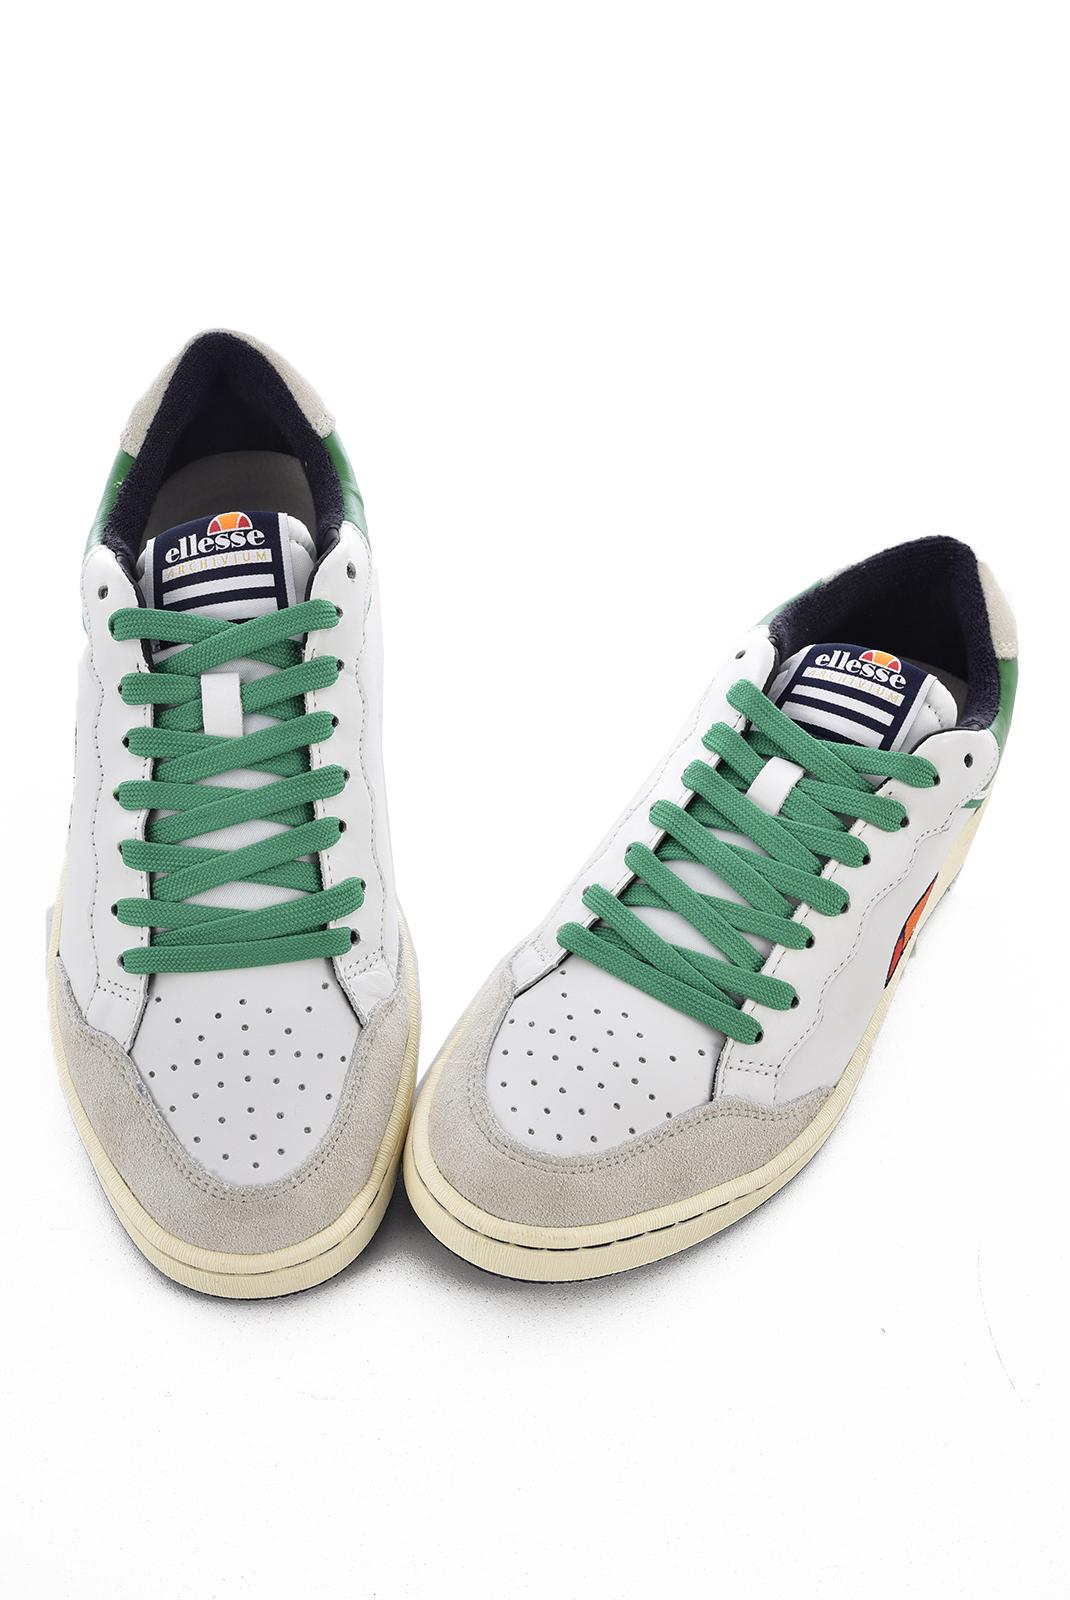 Baskets / Sport  Ellesse EL814468 H 21 WHITE / AMAZON